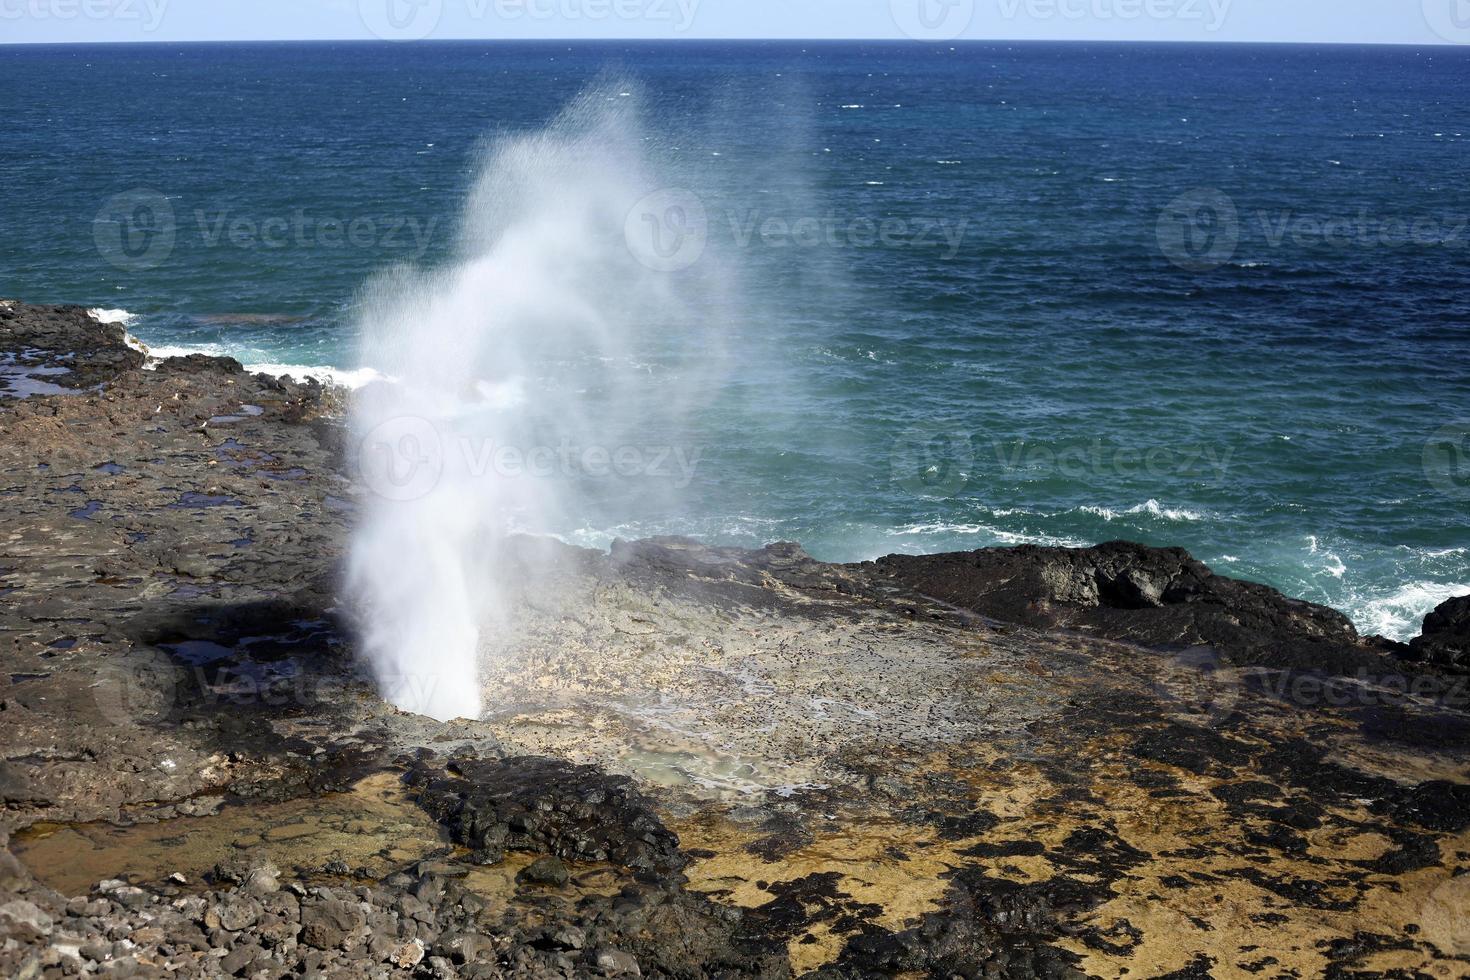 corno di becco dell'Oceano Pacifico, Hawaii foto